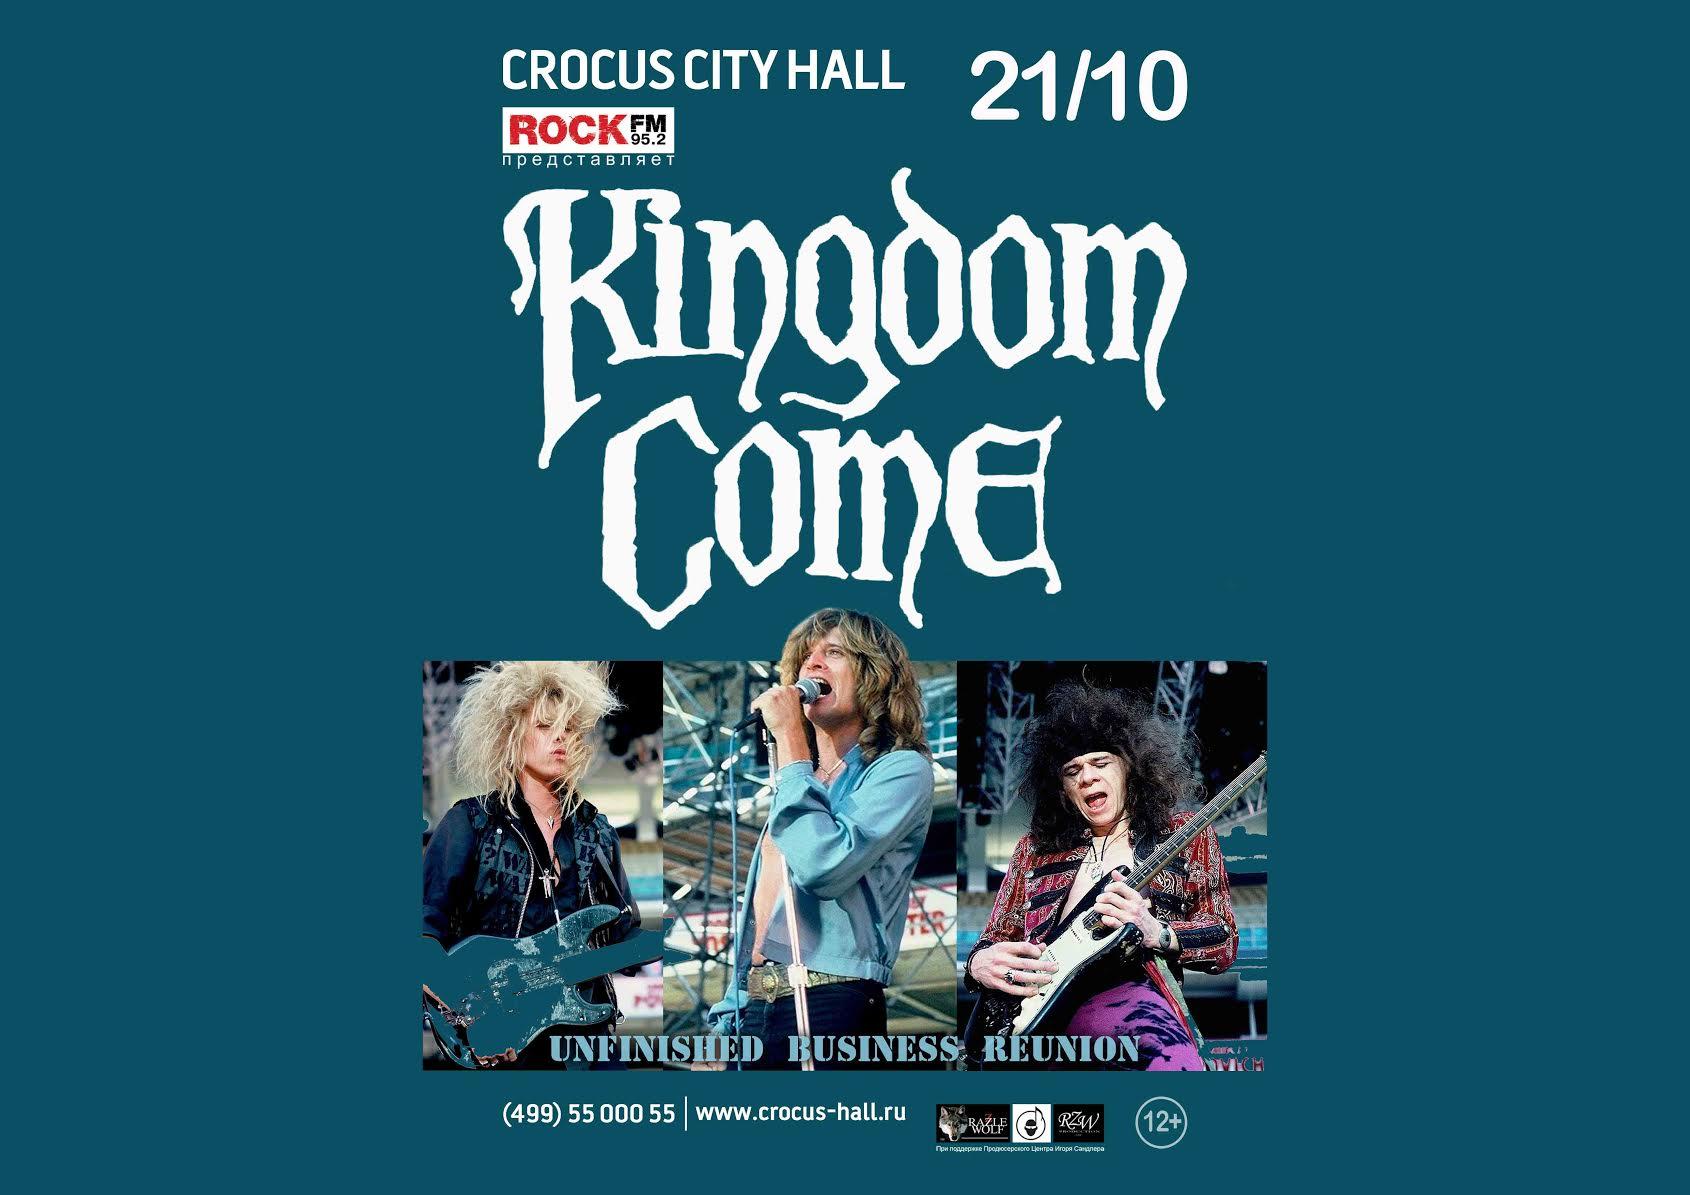 unnamed 1 - KINGDOM COME - REUNION TOUR 21 октября 2015 при поддержке Продюсерского Центра Игоря Сандлера